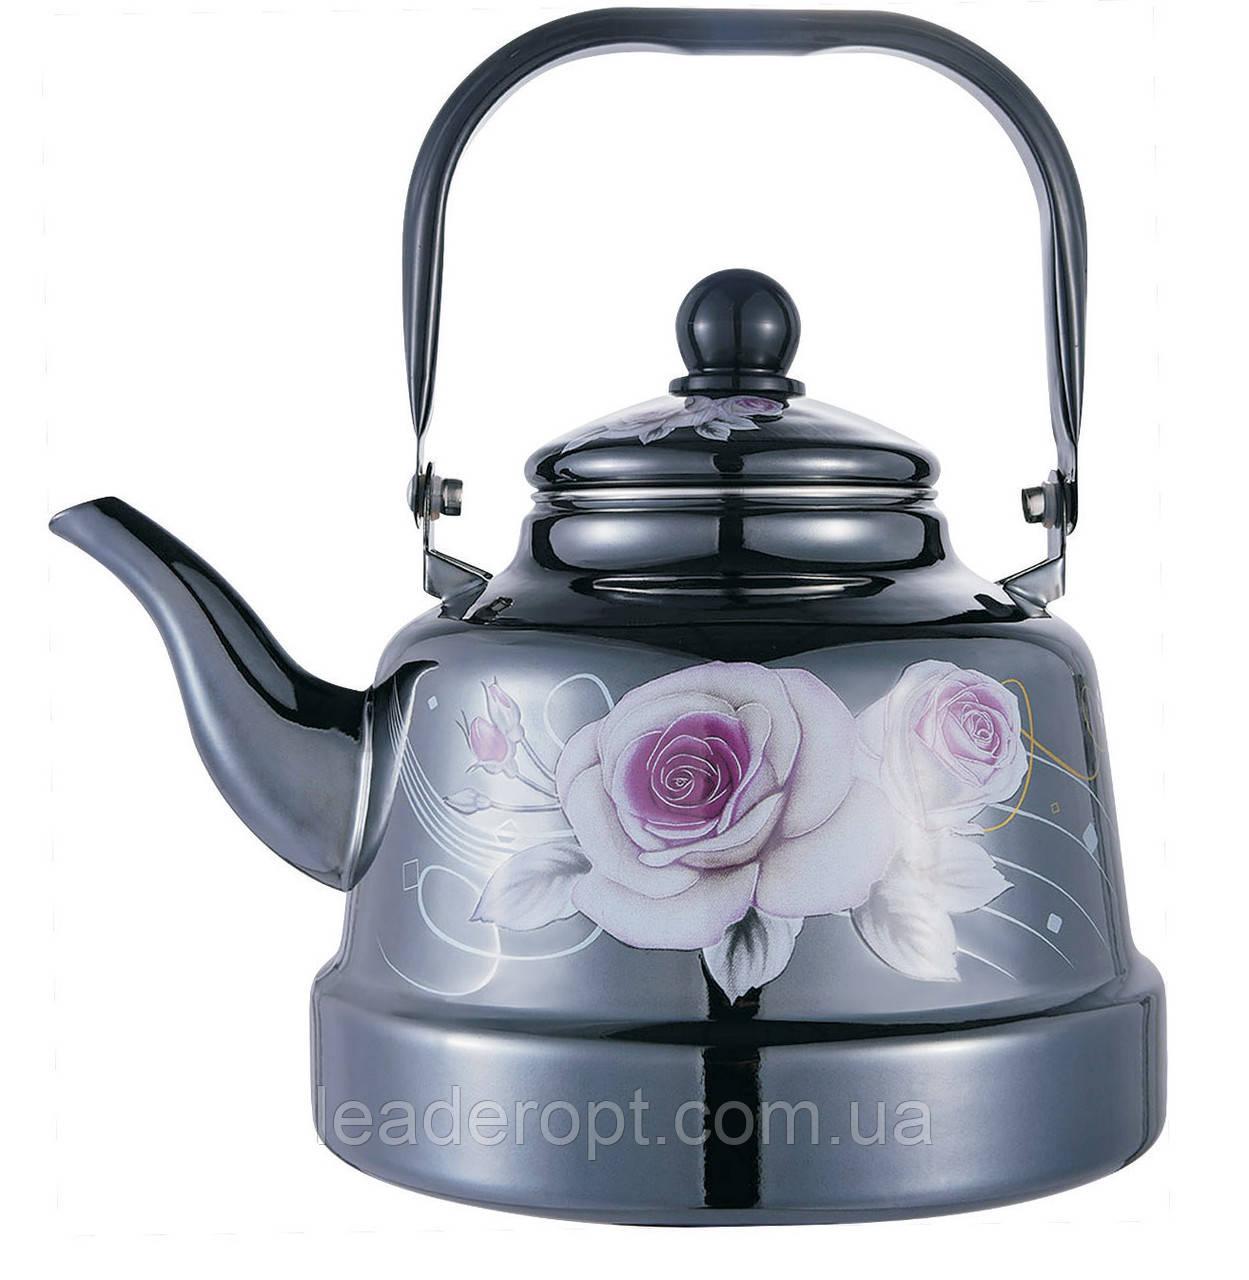 [ОПТ] BN-105-Эмалированный чайник 1.7 литра